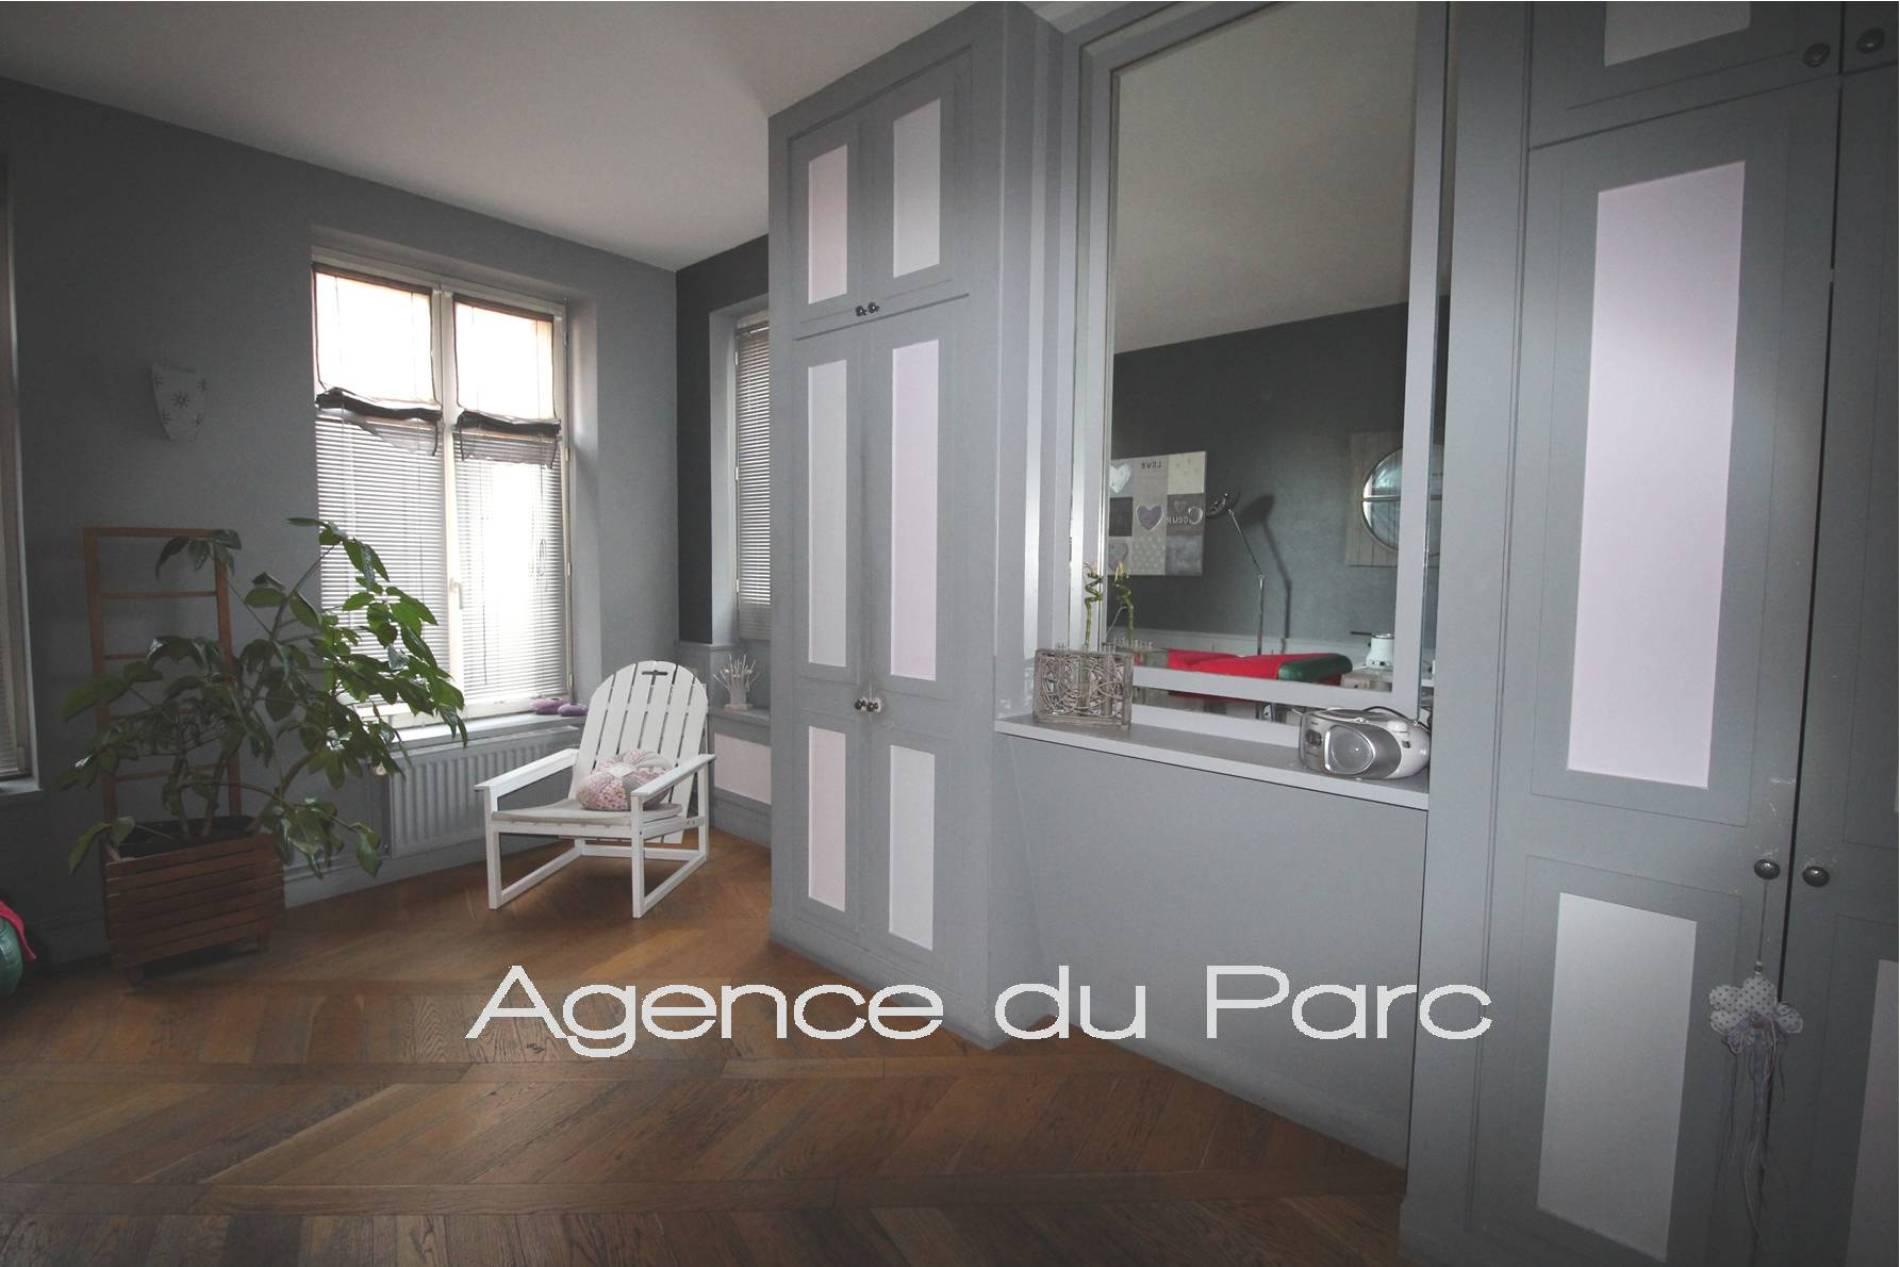 Acheter achat d 39 une maison de caract re du xix me en tr s for Acheter une maison par agence immobiliere